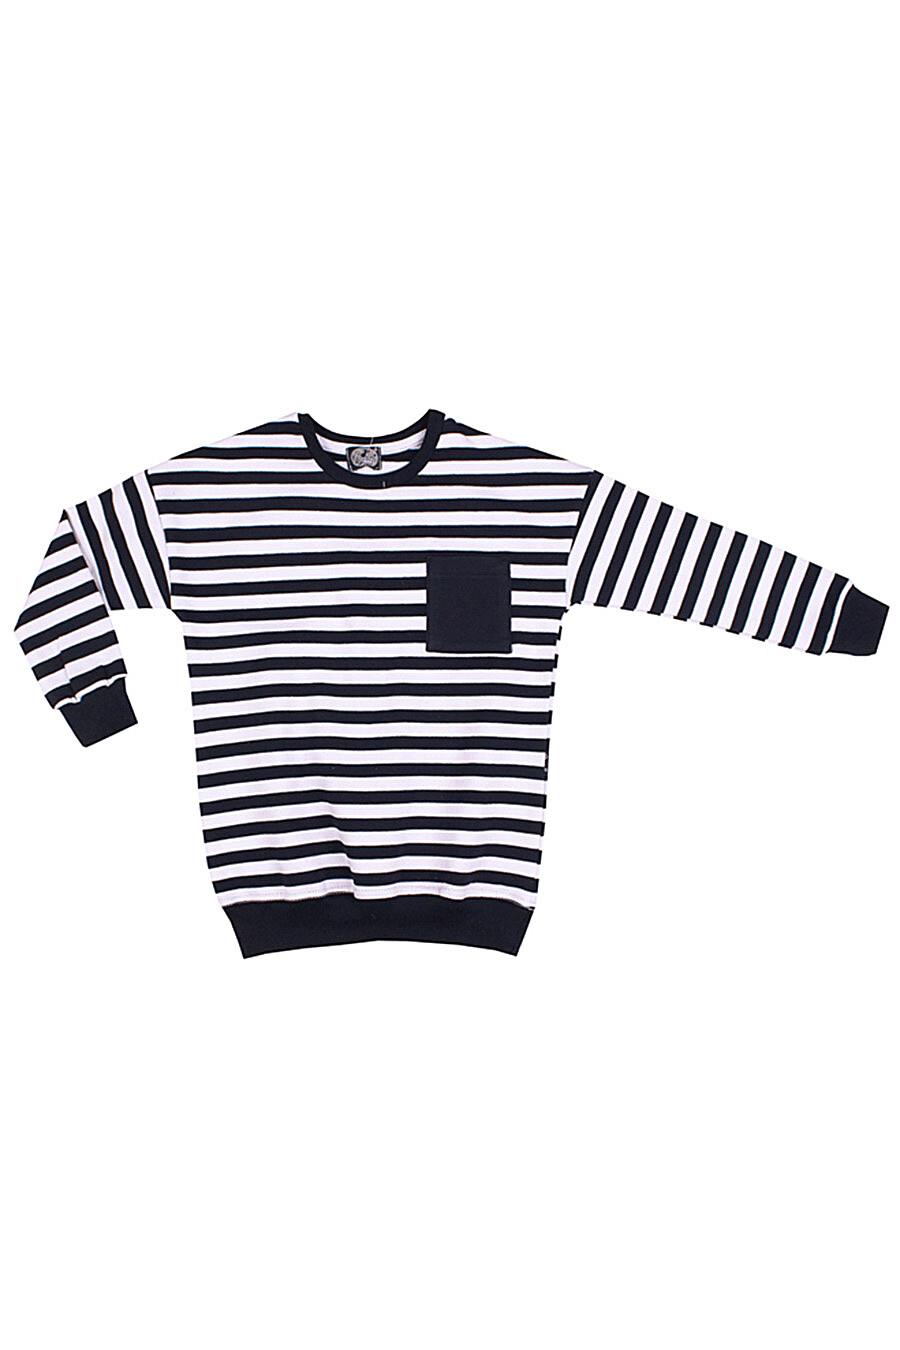 Джемпер для девочек Archi 130752 купить оптом от производителя. Совместная покупка детской одежды в OptMoyo